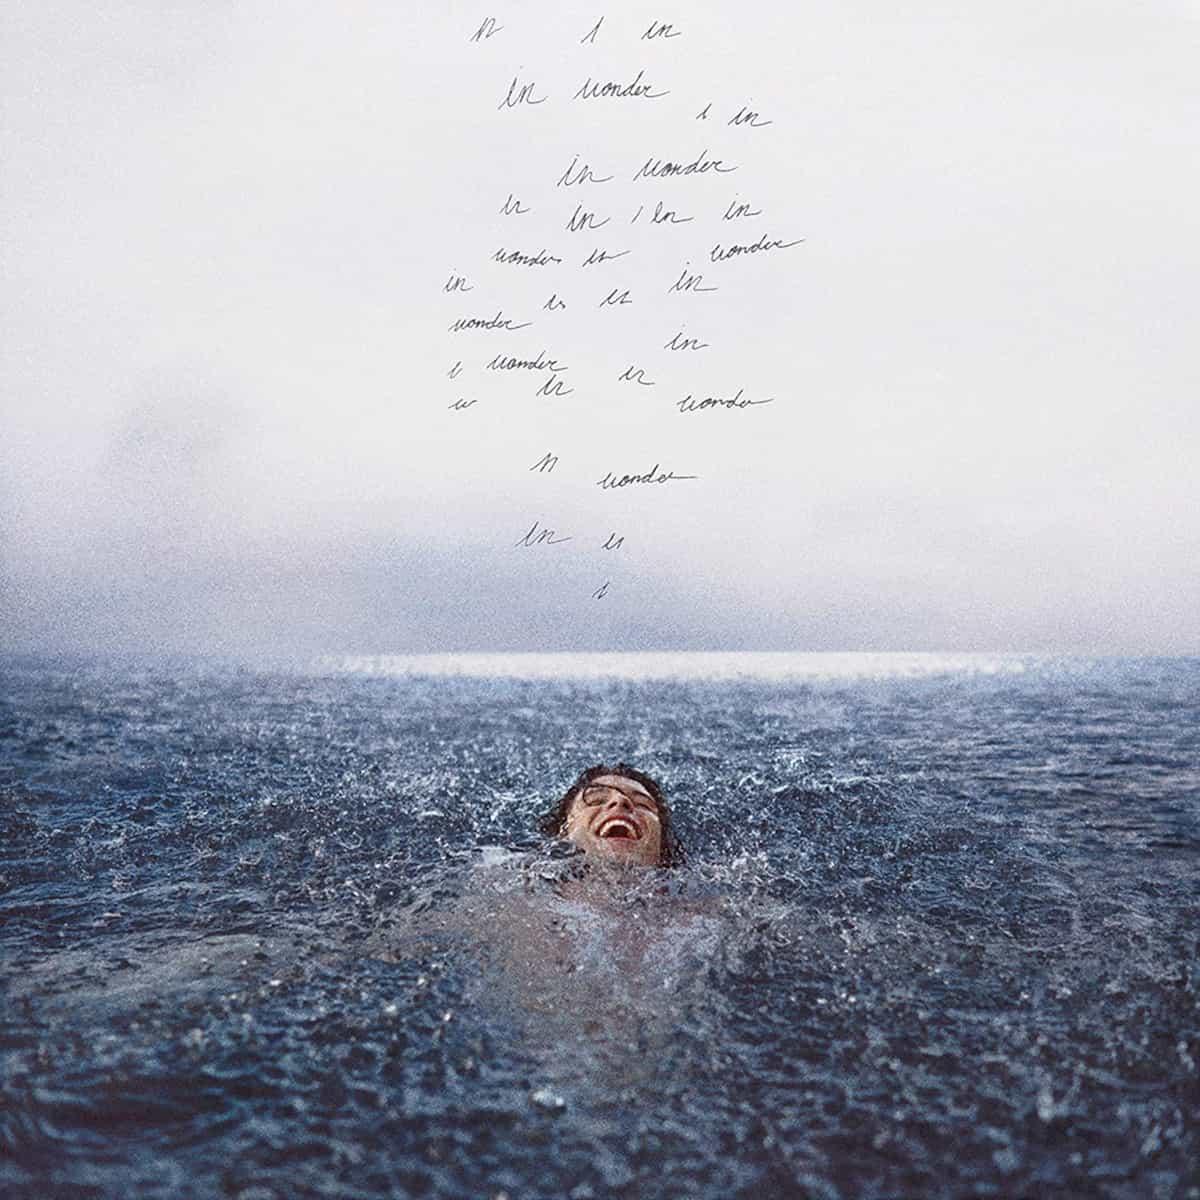 Shawn Mendes veröffentlicht neues Album Wonder